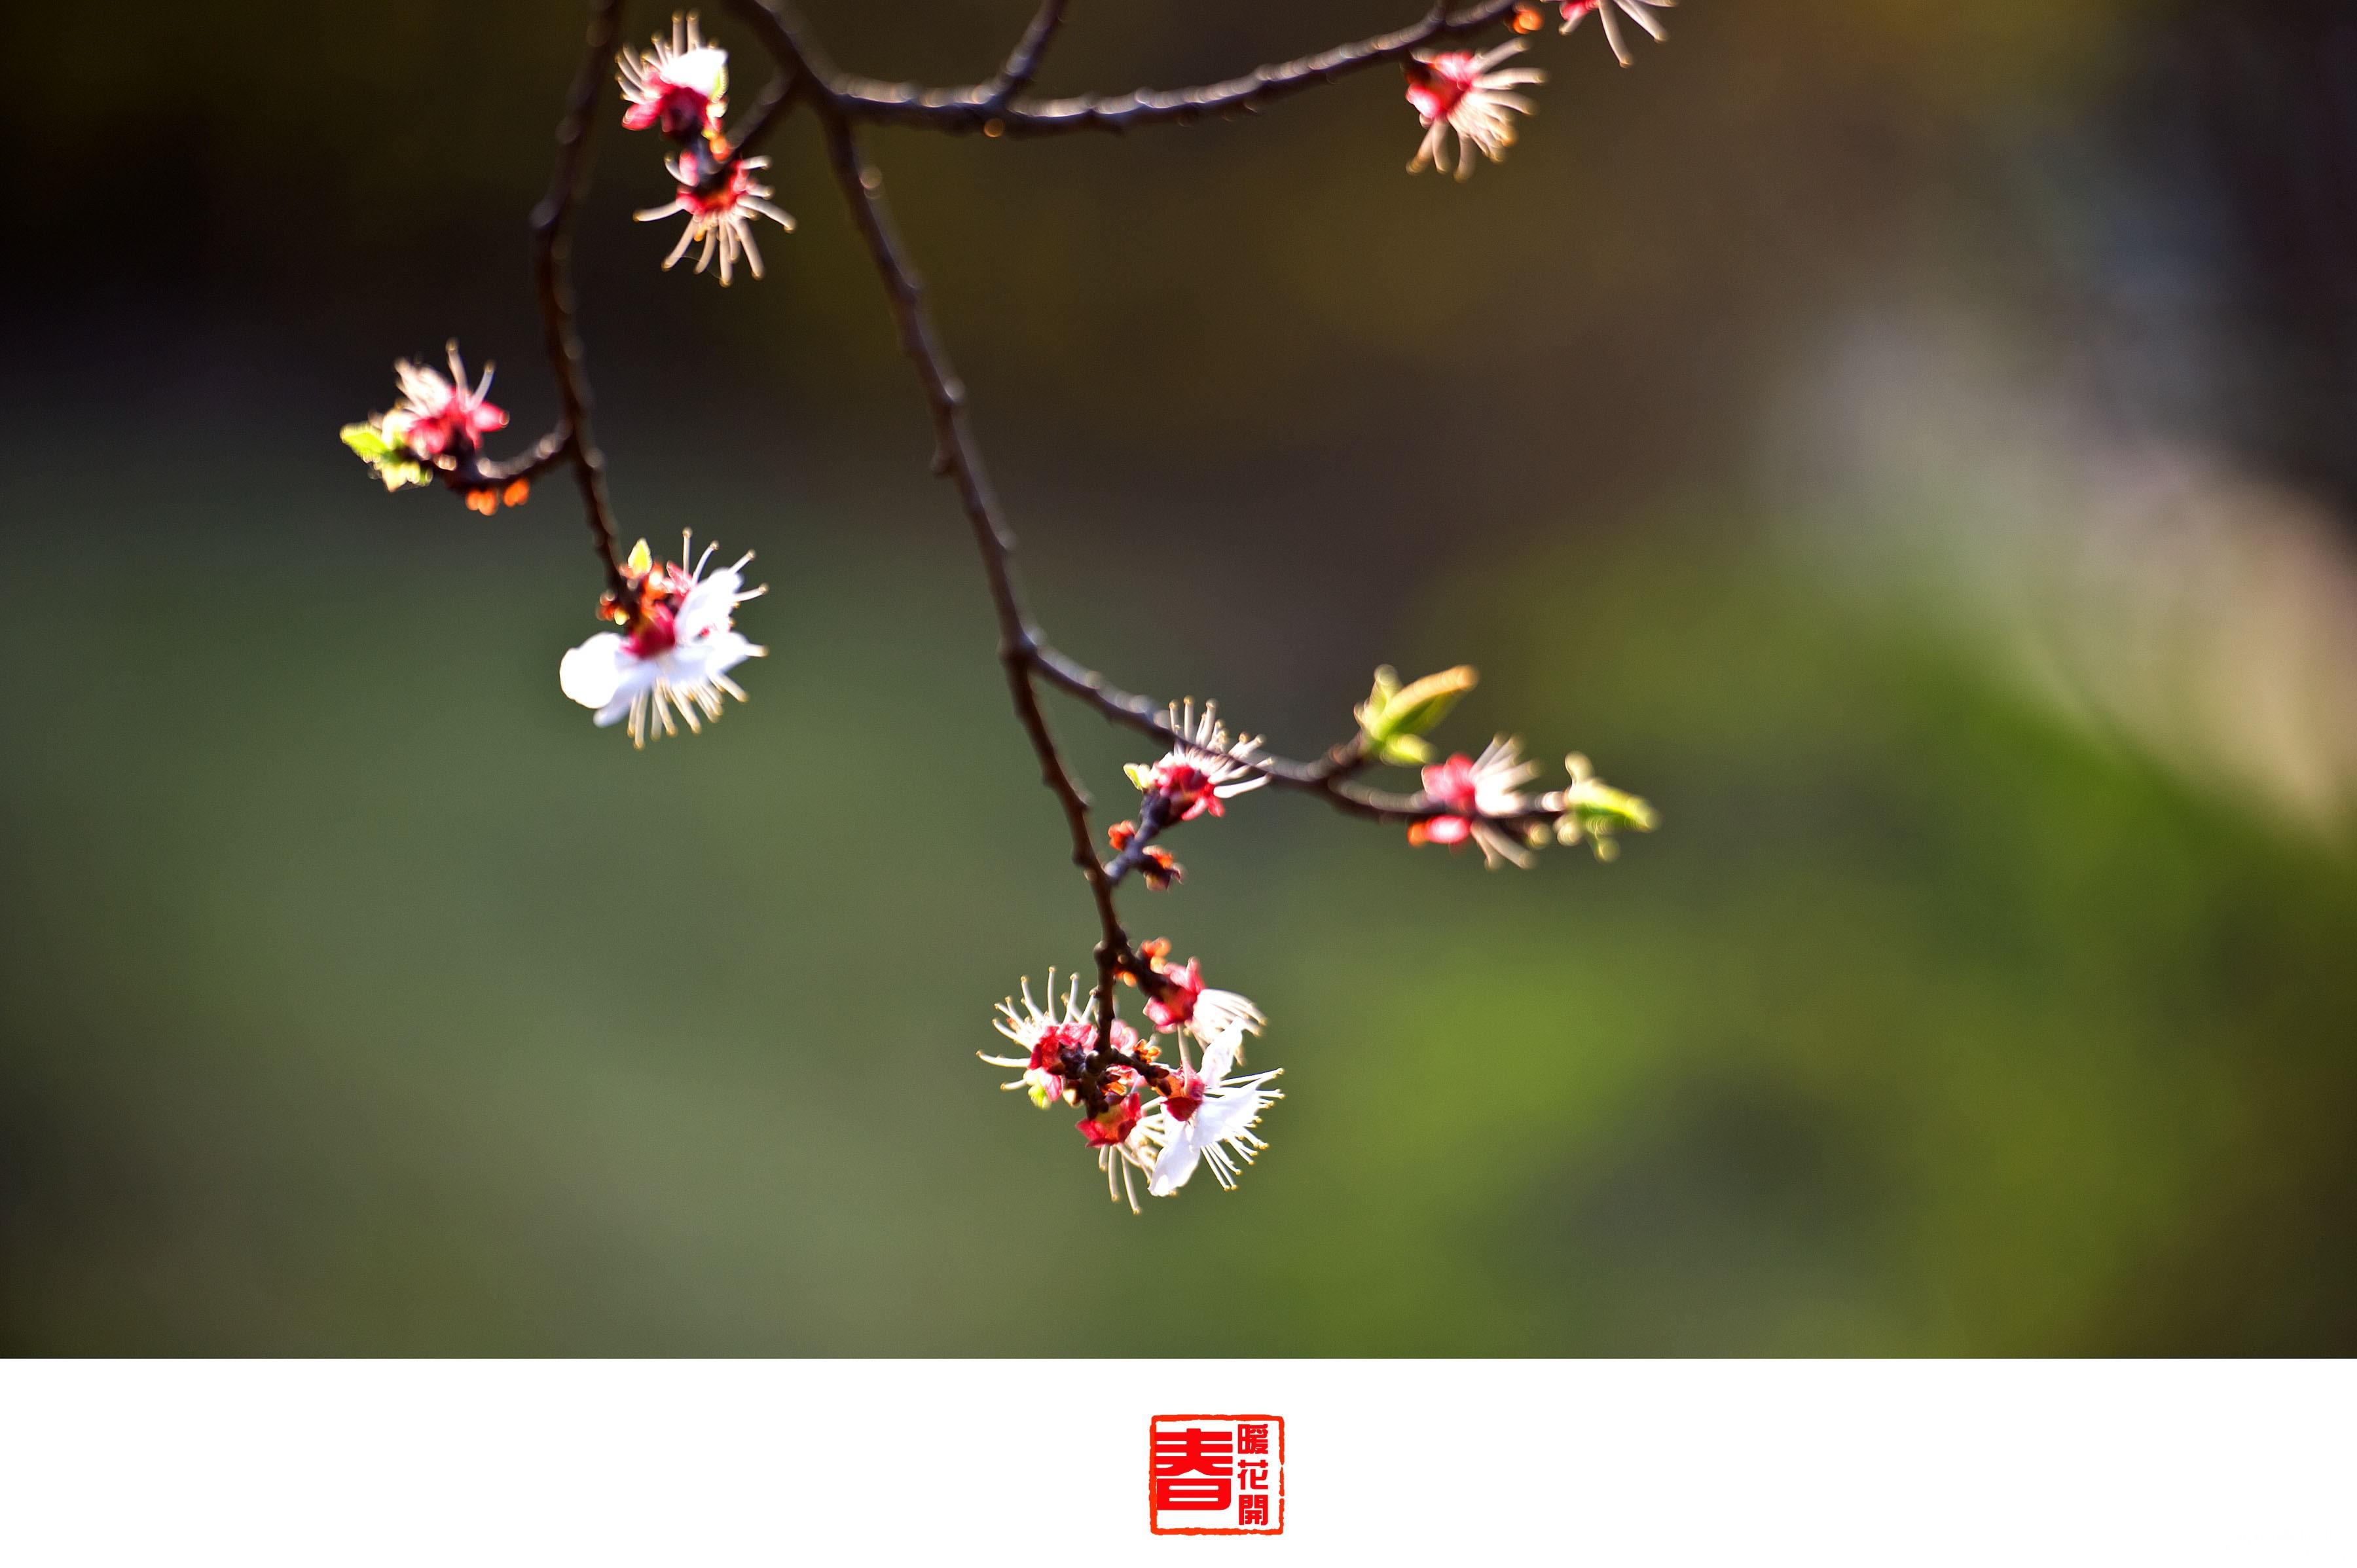 格格修好片春花2123.jpg